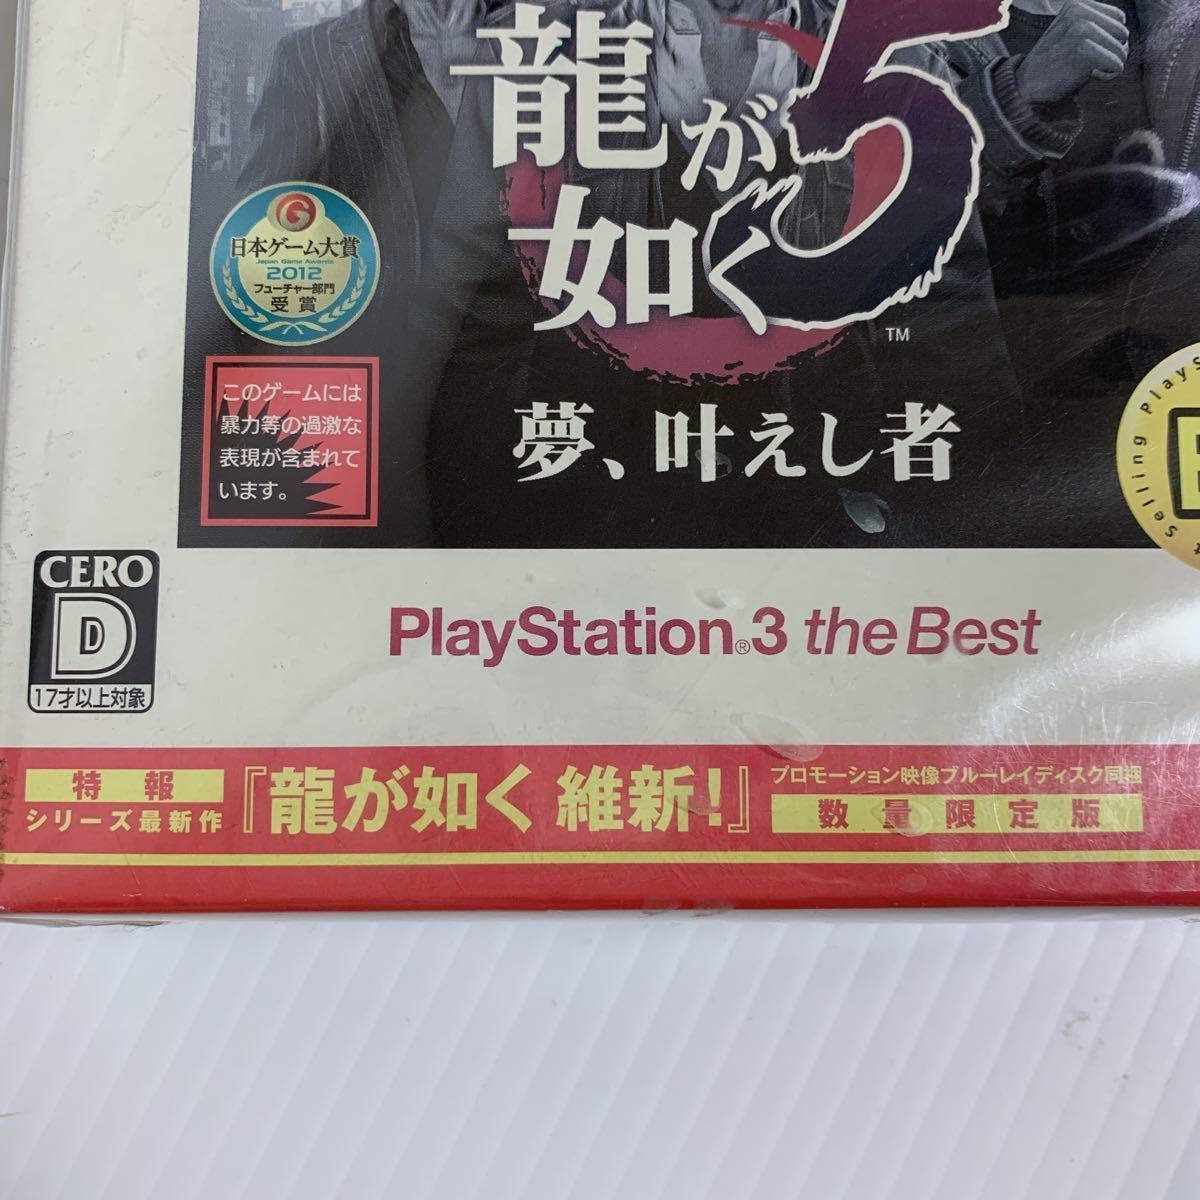 ■新品 ■龍が如く5 夢、叶えし者 PlayStation3 the Best 数量限定版 プロモーション映像ブルーレイ同梱_画像2